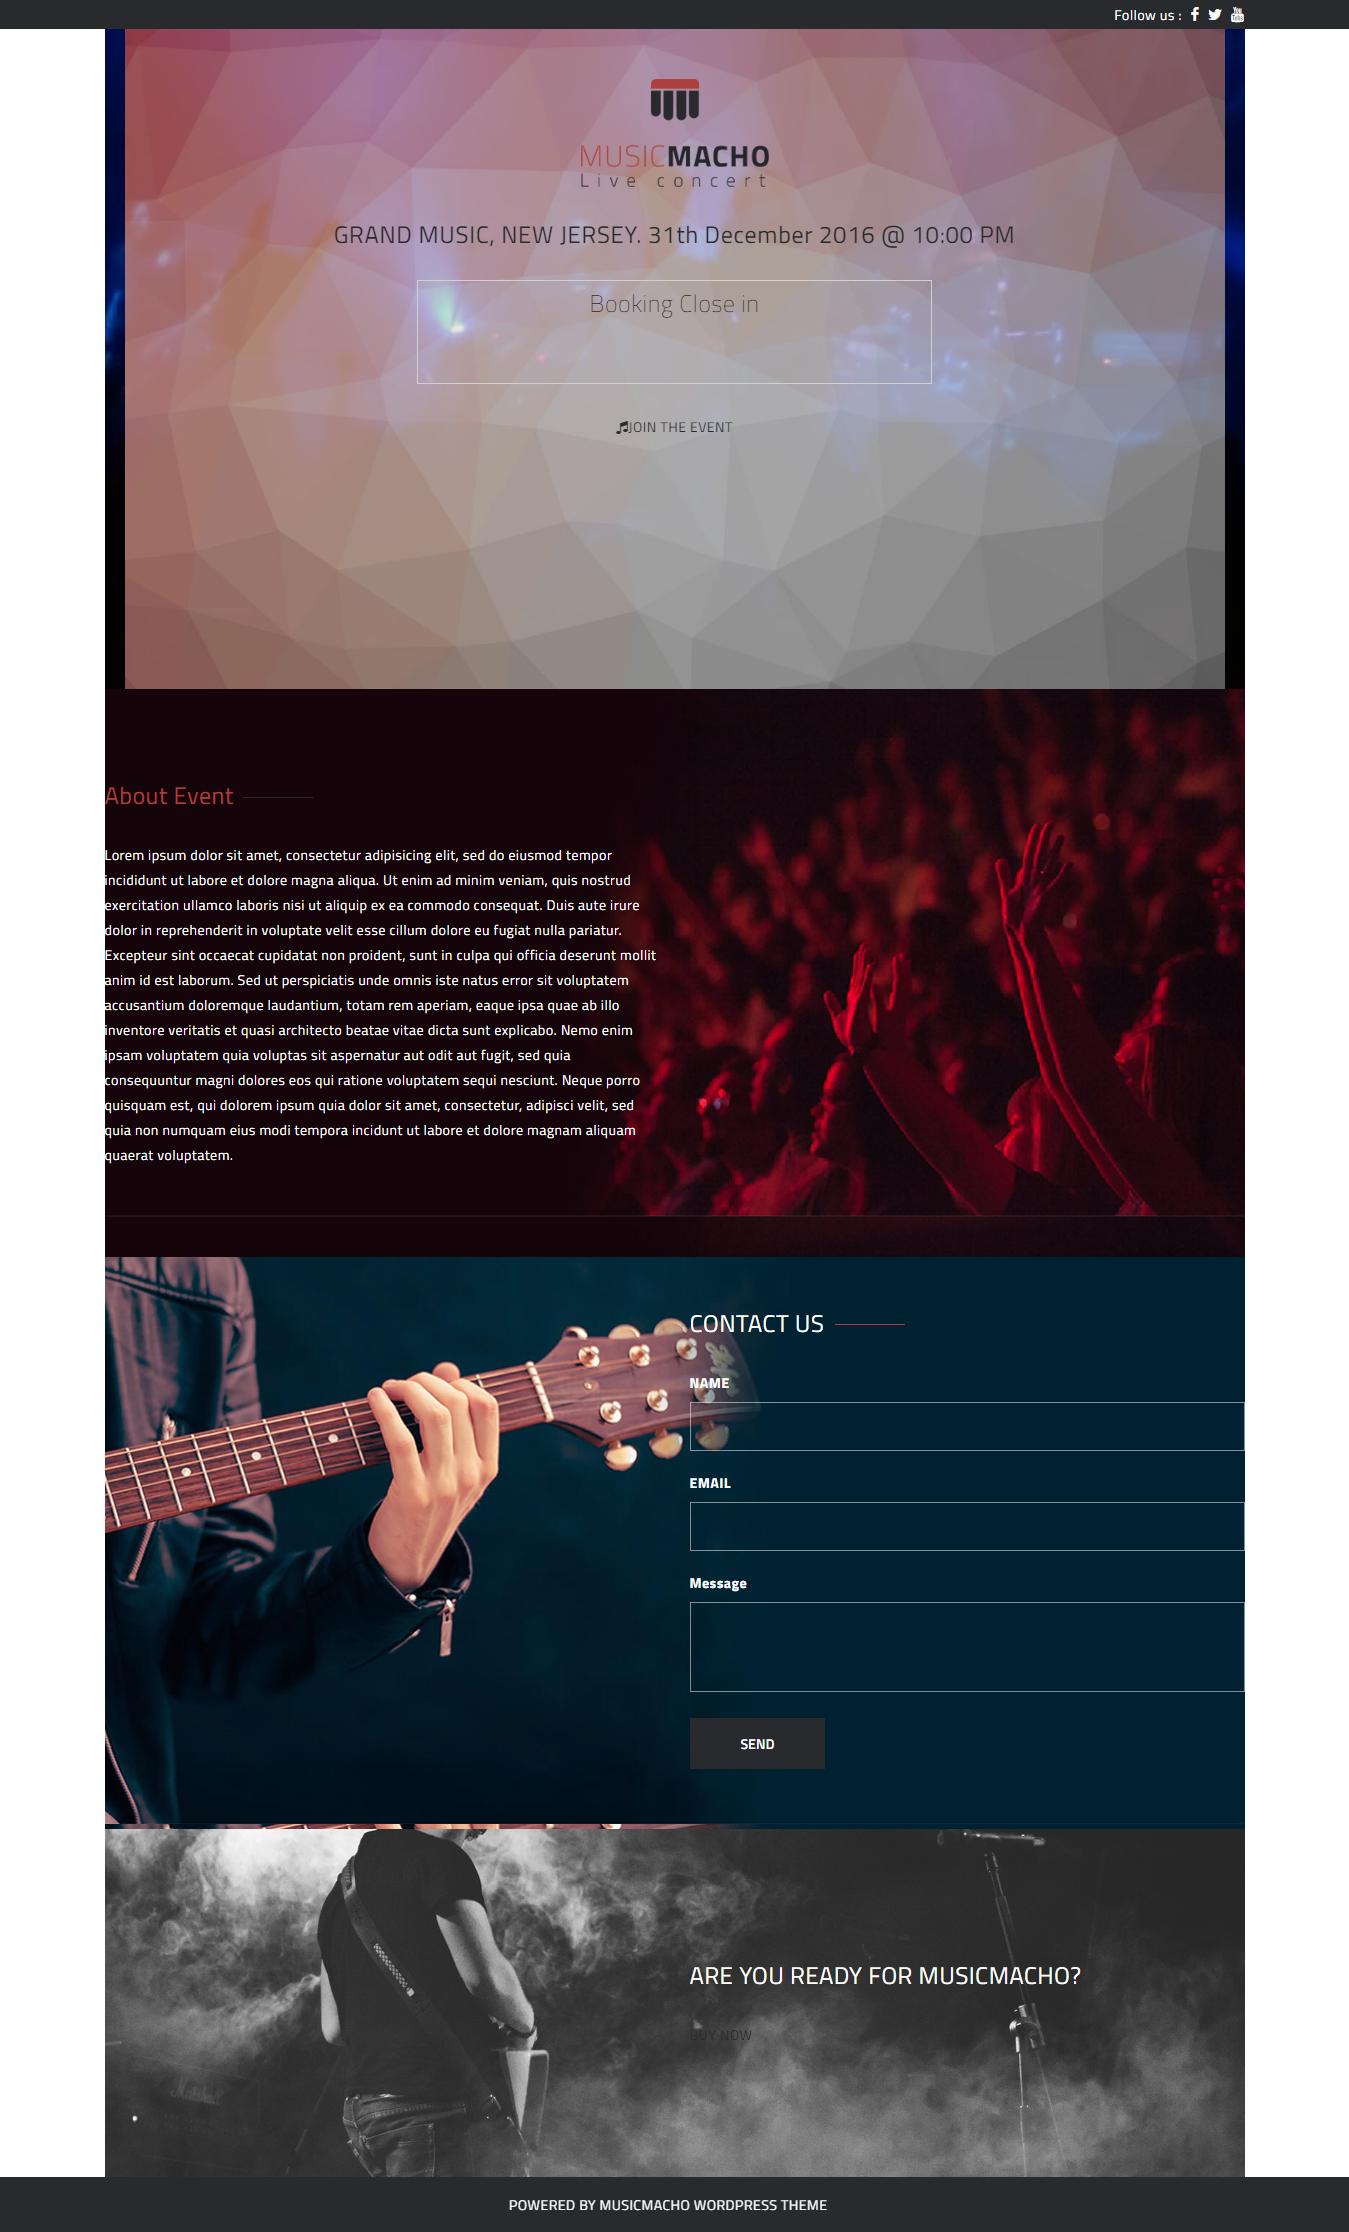 musicmacho best free video and music wordpress theme - 10+ Best Free Video and Music WordPress Themes